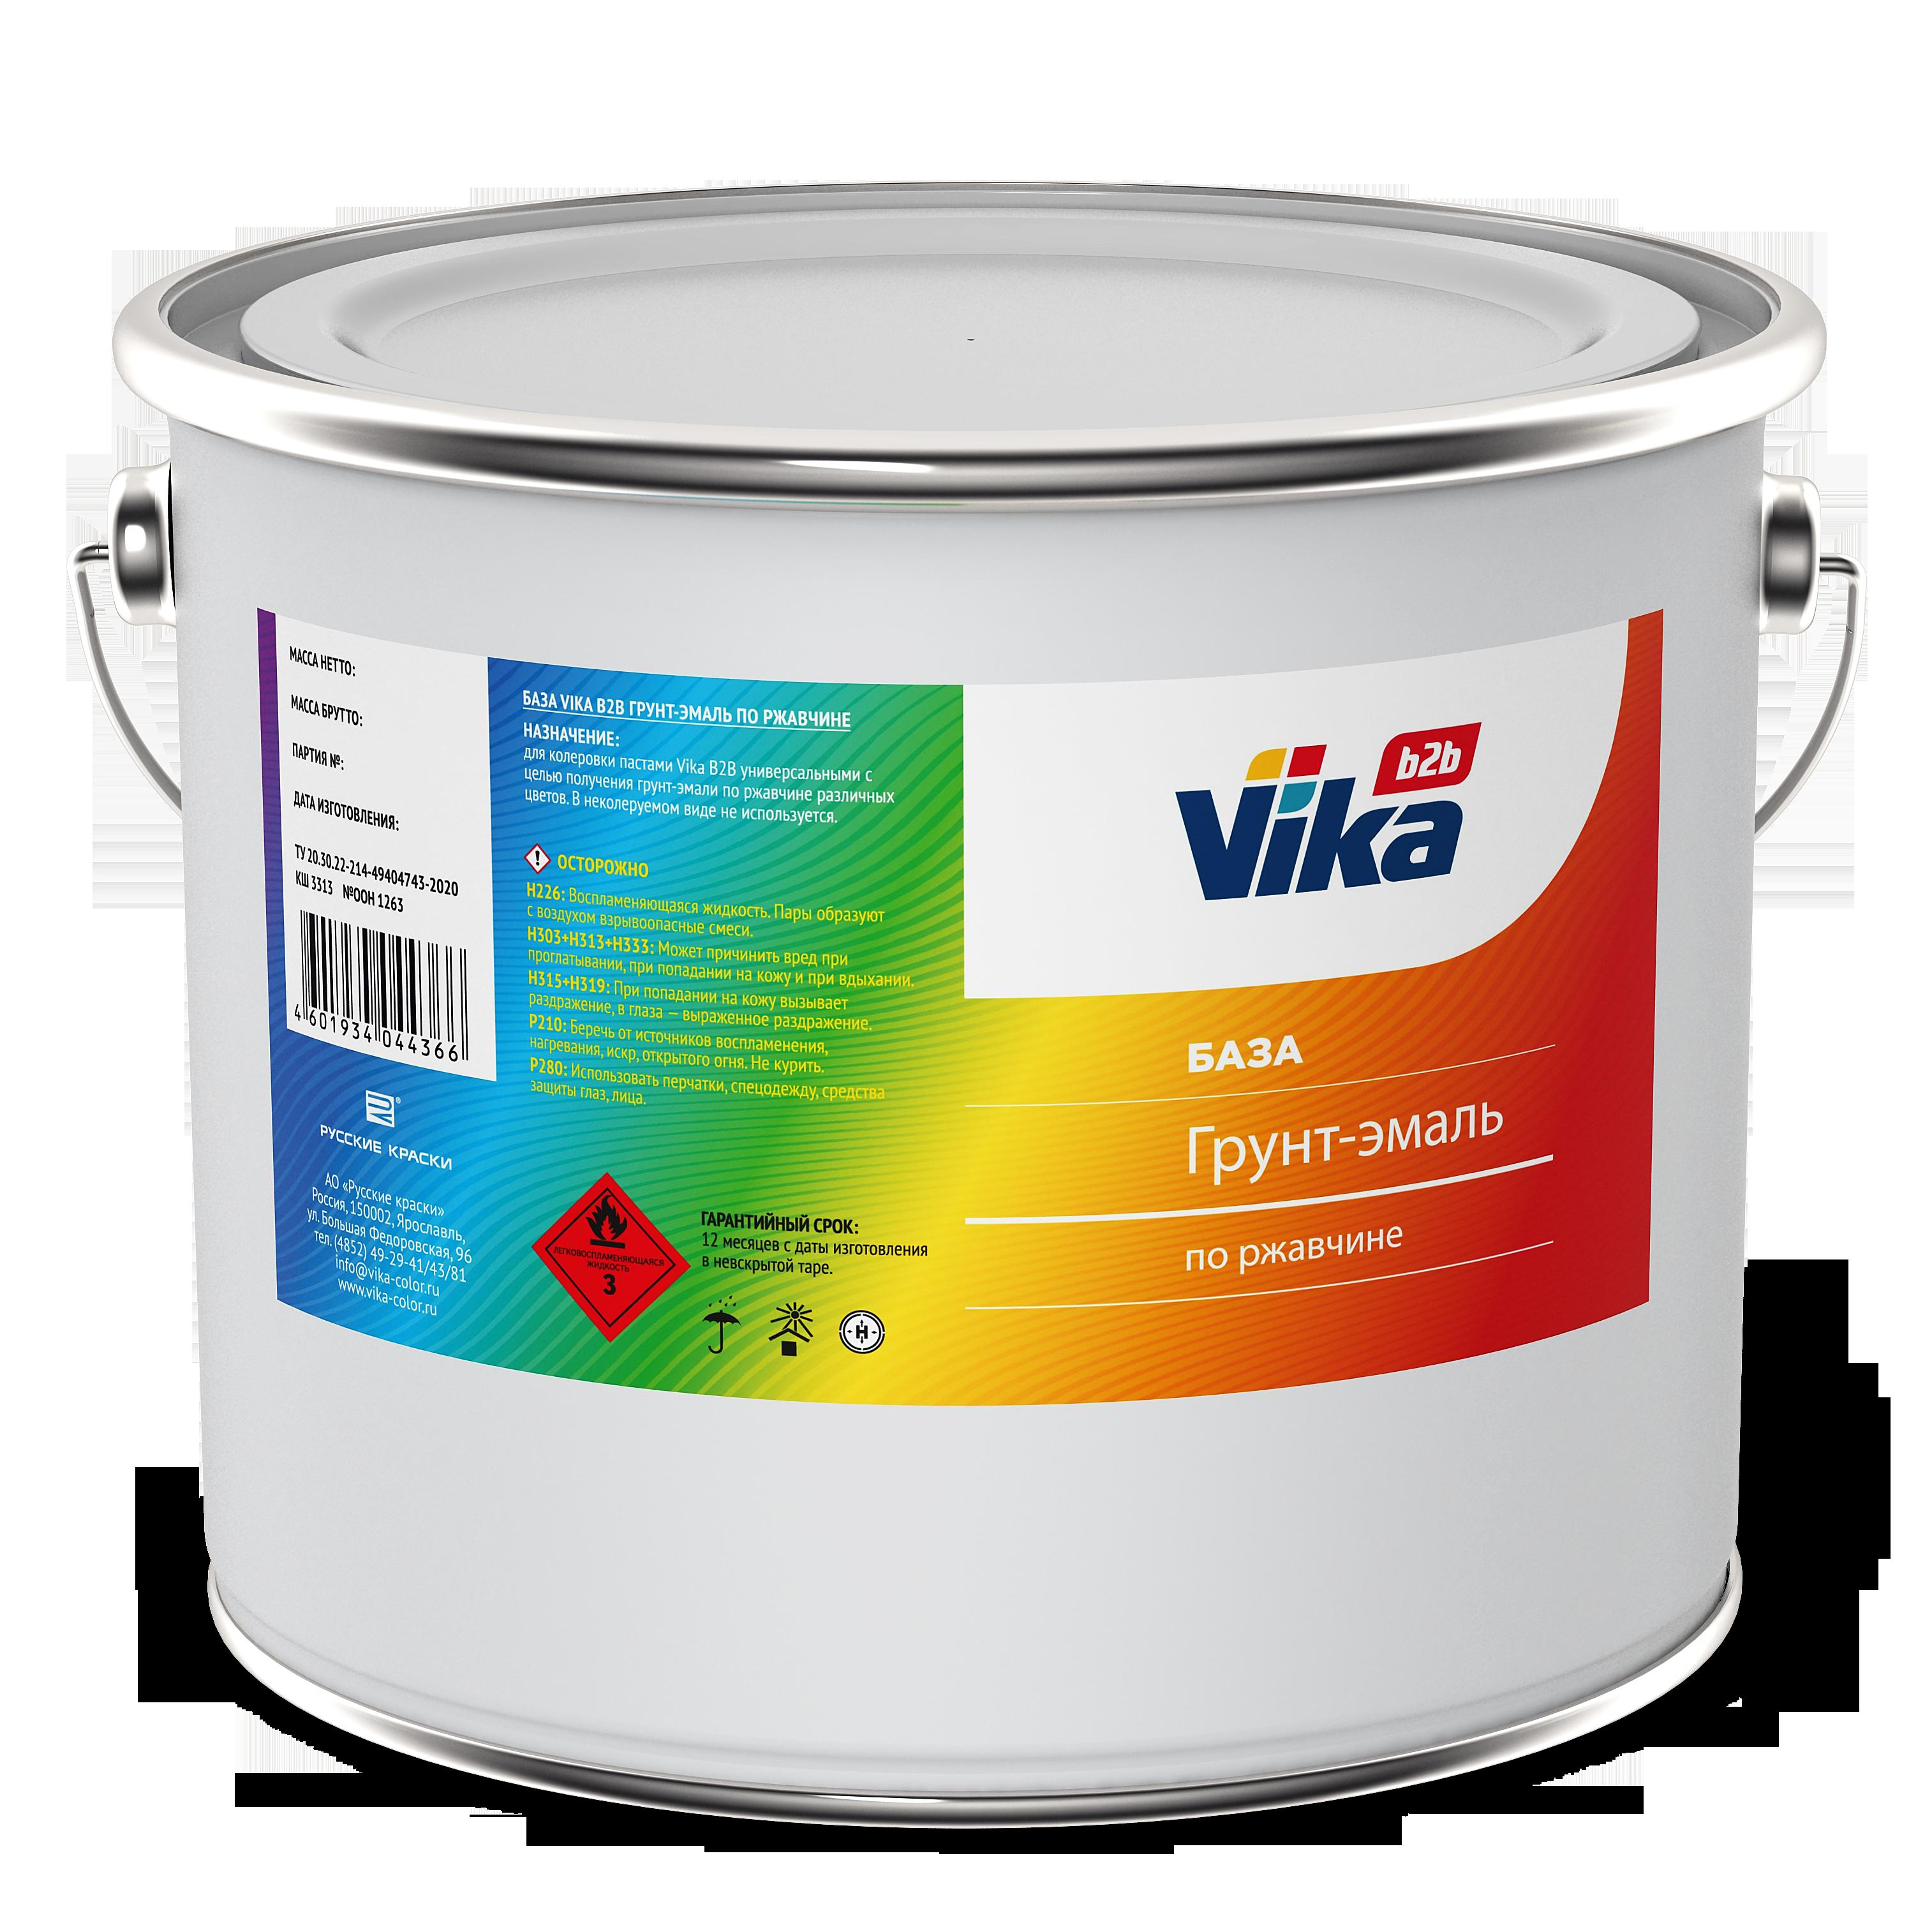 База VIKA В2В грунт-эмаль по ржавчине